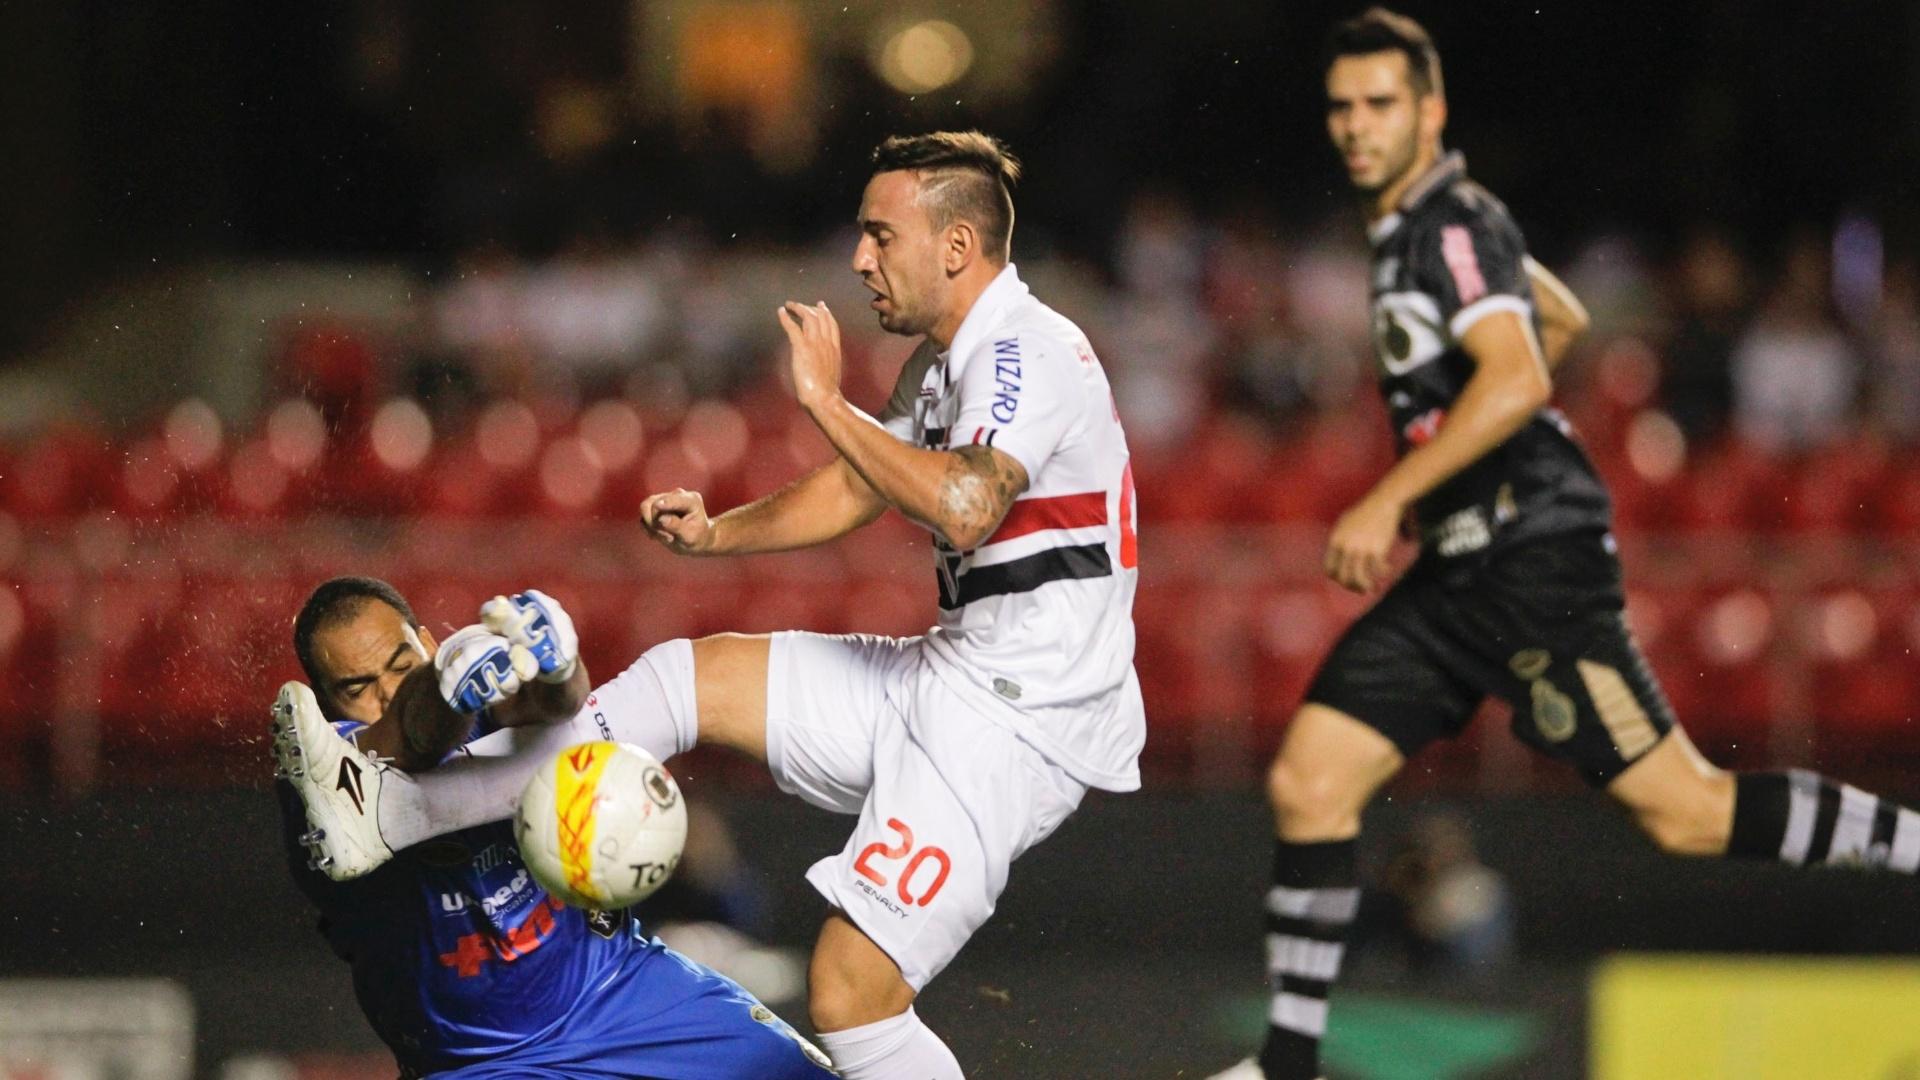 Marcelo Cañete, meia do São Paulo, se choca com o goleiro Bruno Fuso, do XV de Piracicaba, durante partida no Morumbi